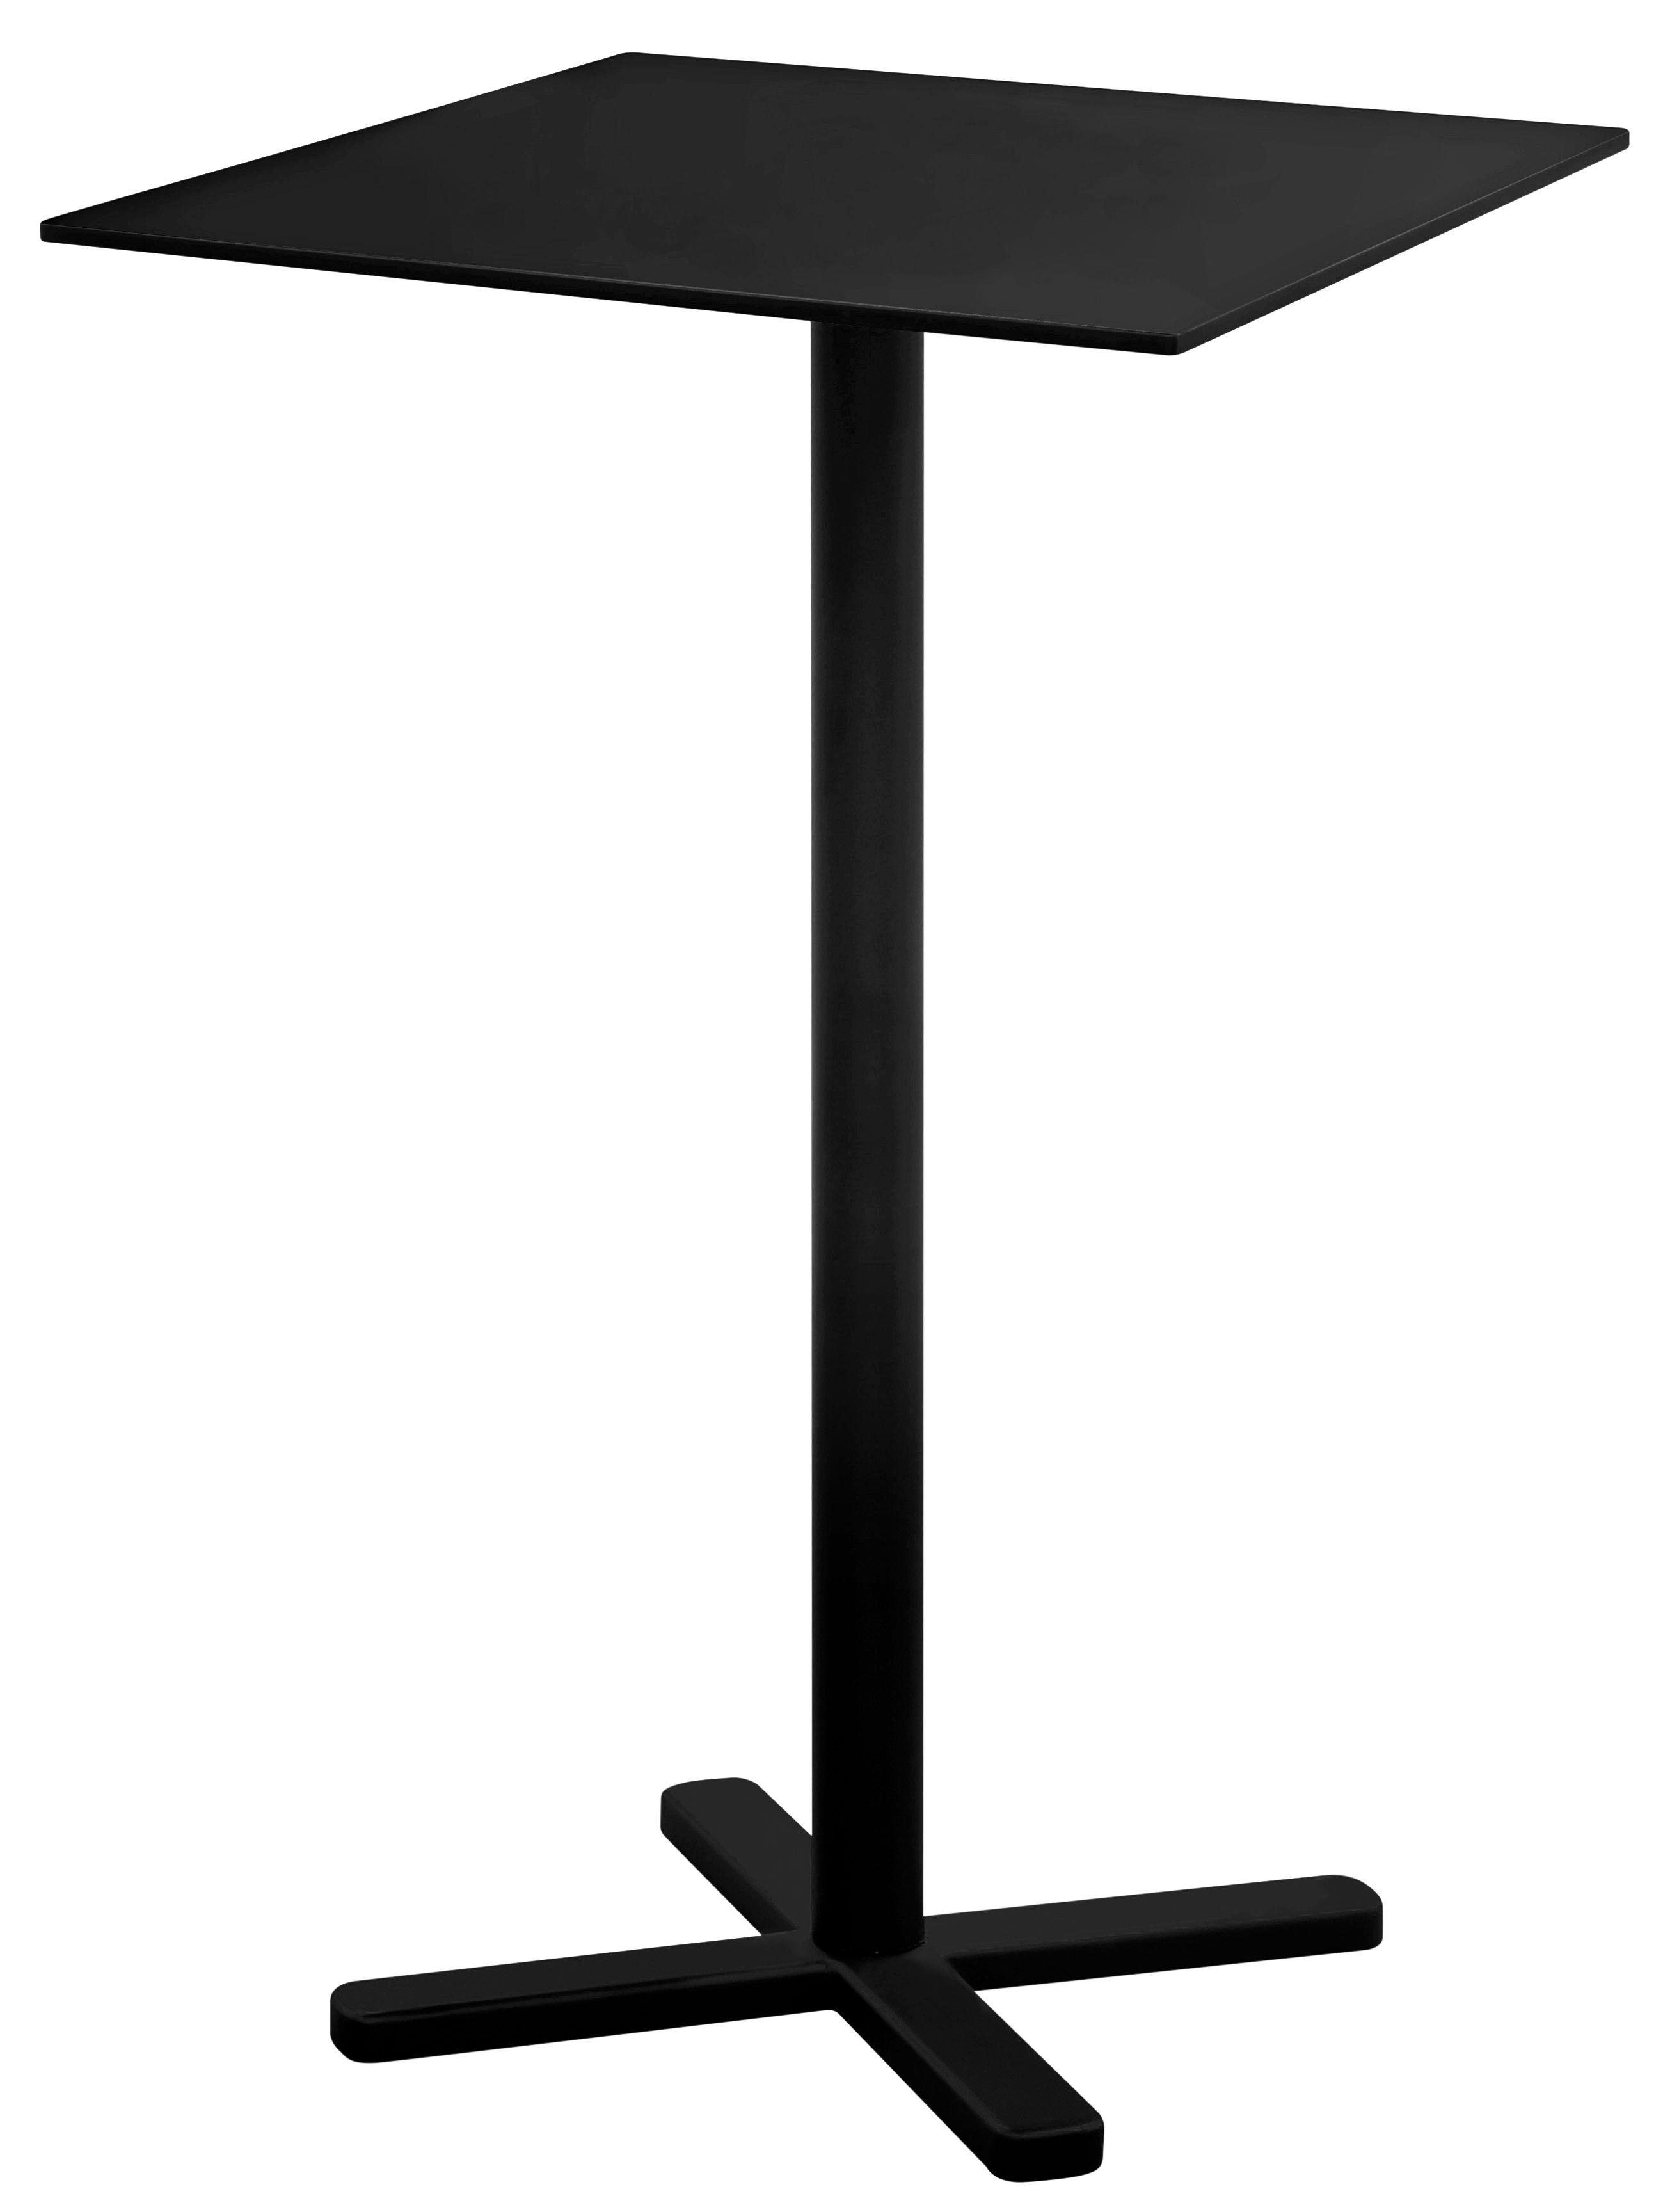 Tavolo bar alto pieghevole darwin di emu nero made in for Tavolo pieghevole design